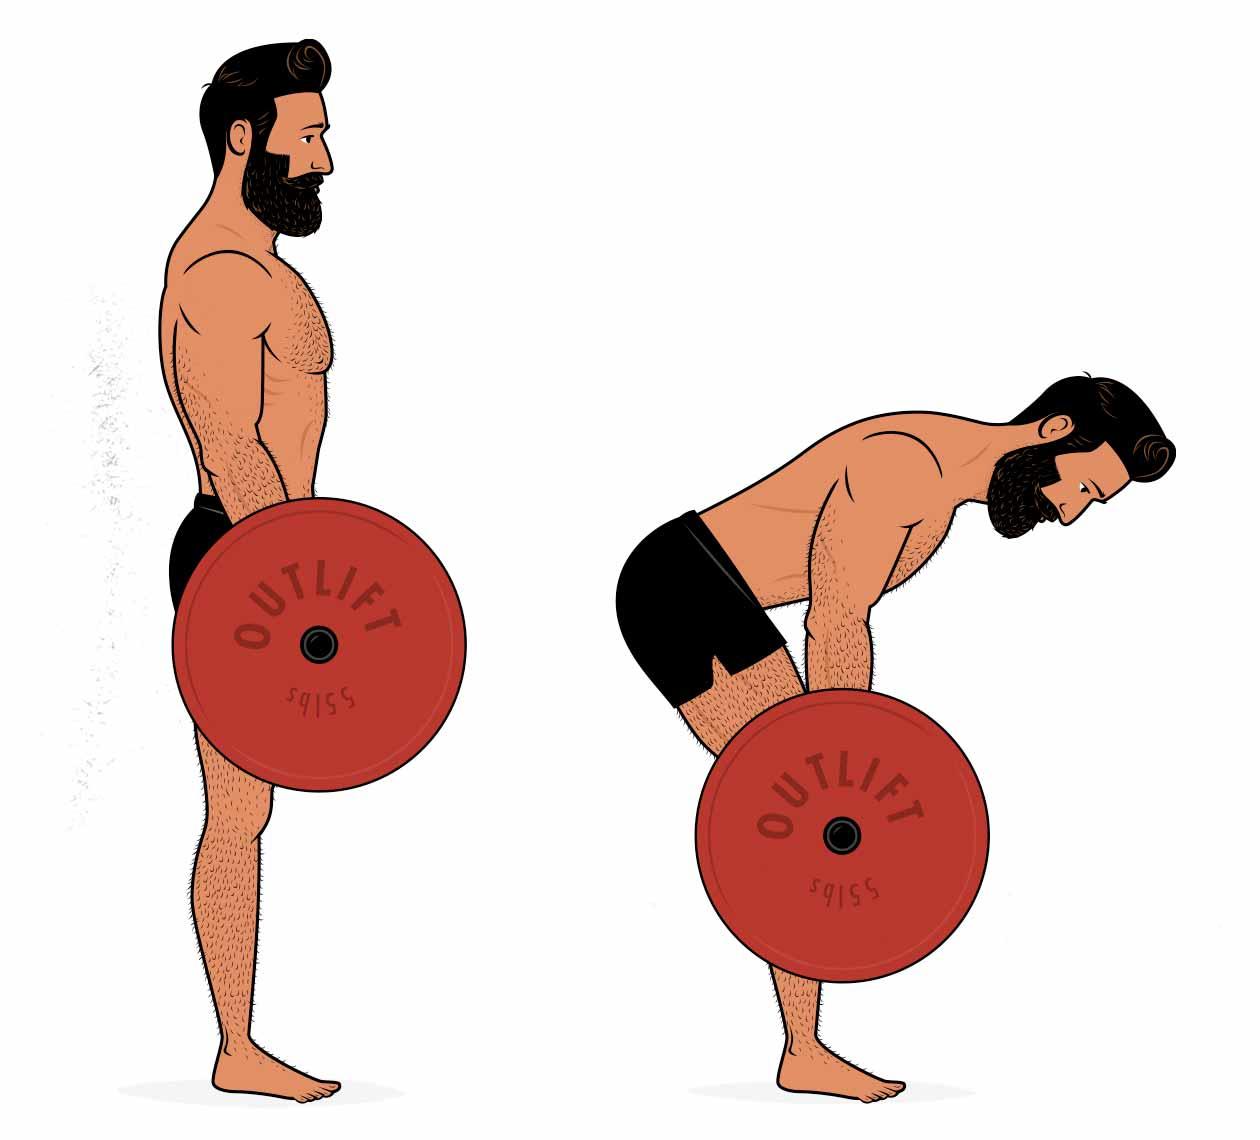 Ilustración mostrando cómo hacer el peso muerto rumano.